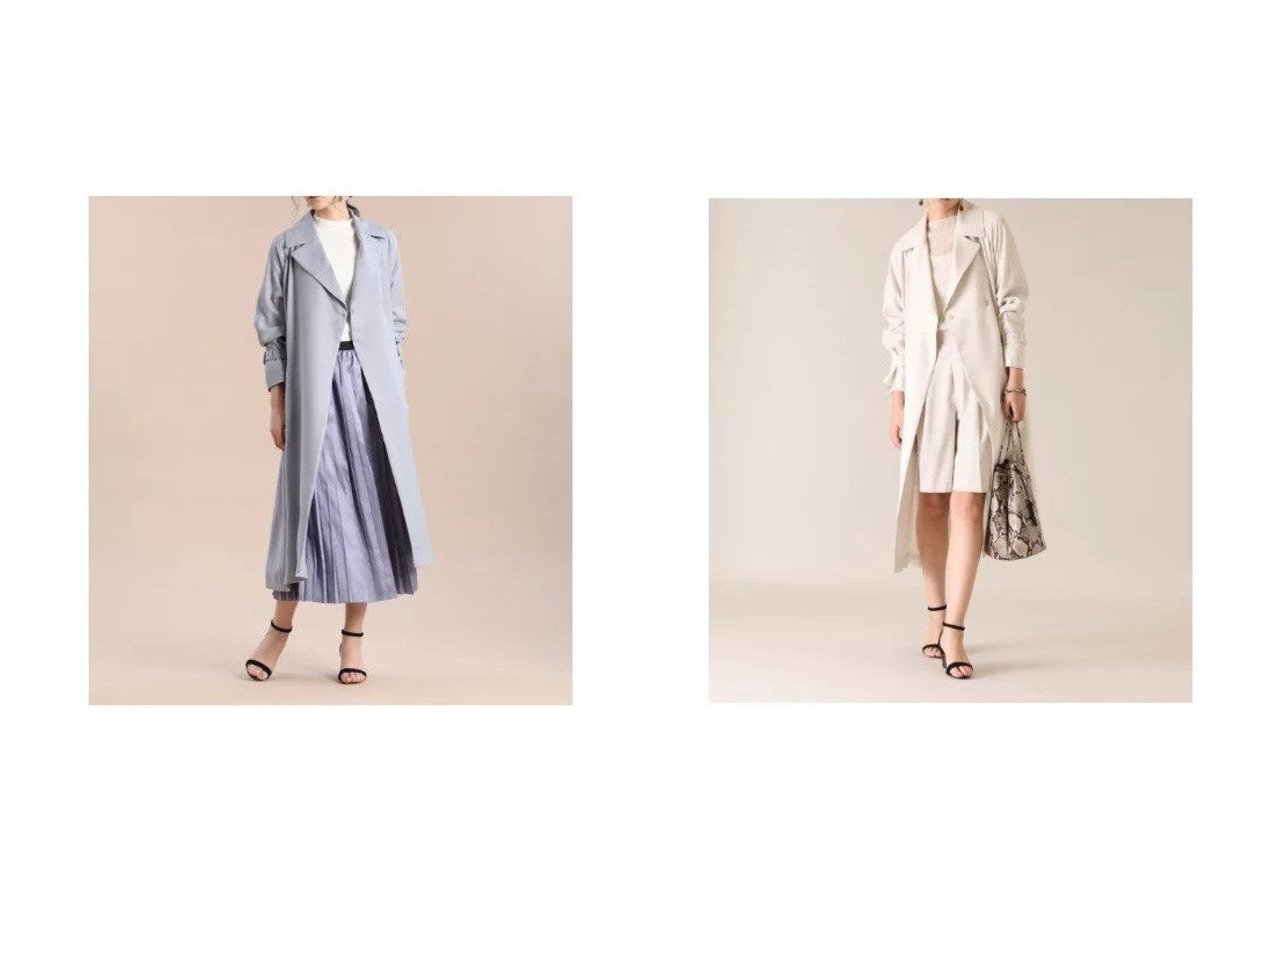 【INED/イネド】のリネンライクラグランコート アウターのおすすめ!人気、トレンド・レディースファッションの通販 おすすめで人気の流行・トレンド、ファッションの通販商品 メンズファッション・キッズファッション・インテリア・家具・レディースファッション・服の通販 founy(ファニー) https://founy.com/ ファッション Fashion レディースファッション WOMEN アウター Coat Outerwear コート Coats フロント ポケット ロング  ID:crp329100000022711